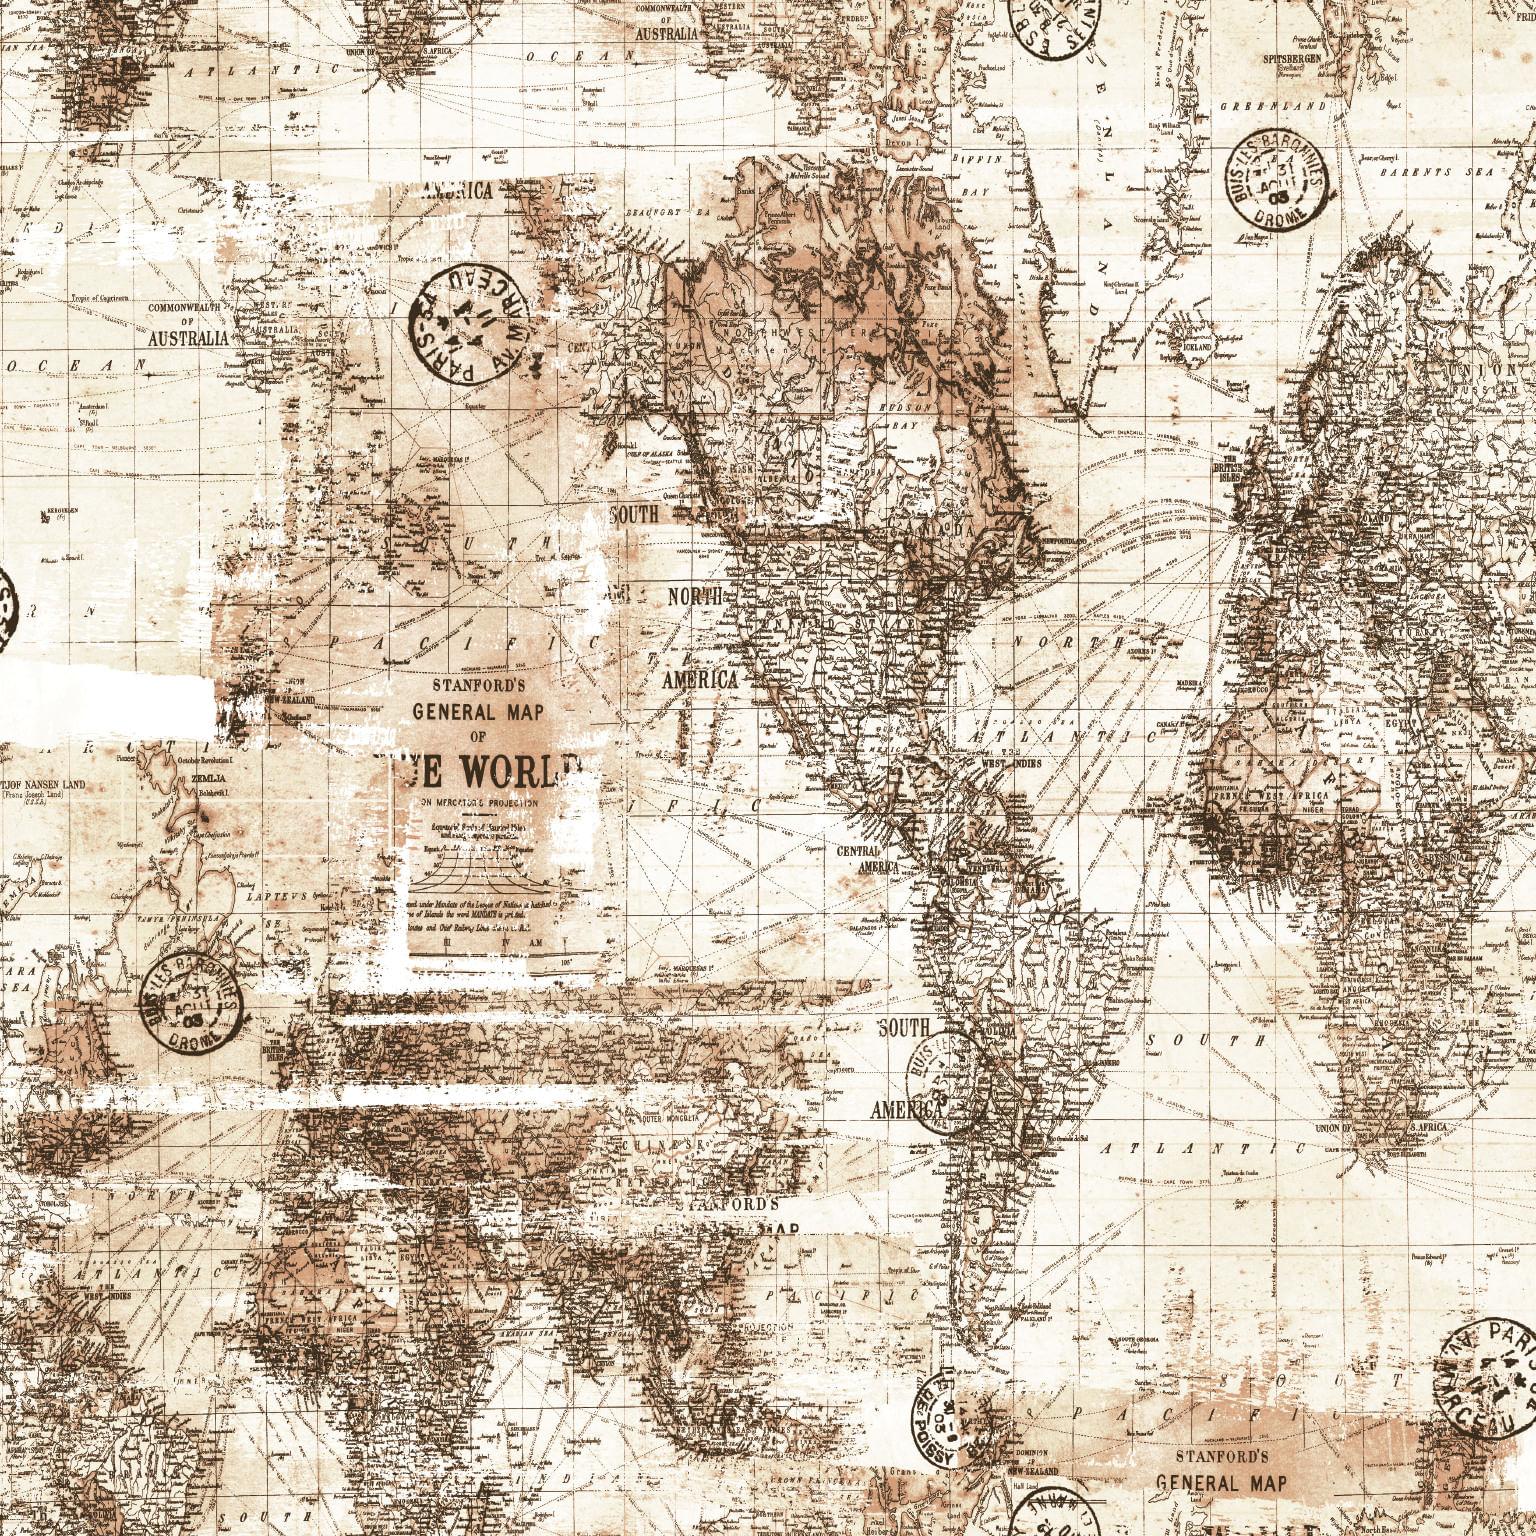 Papel de Parede Coleção Brincar Mapa 3649 - Rolo: 10m x 0,52m